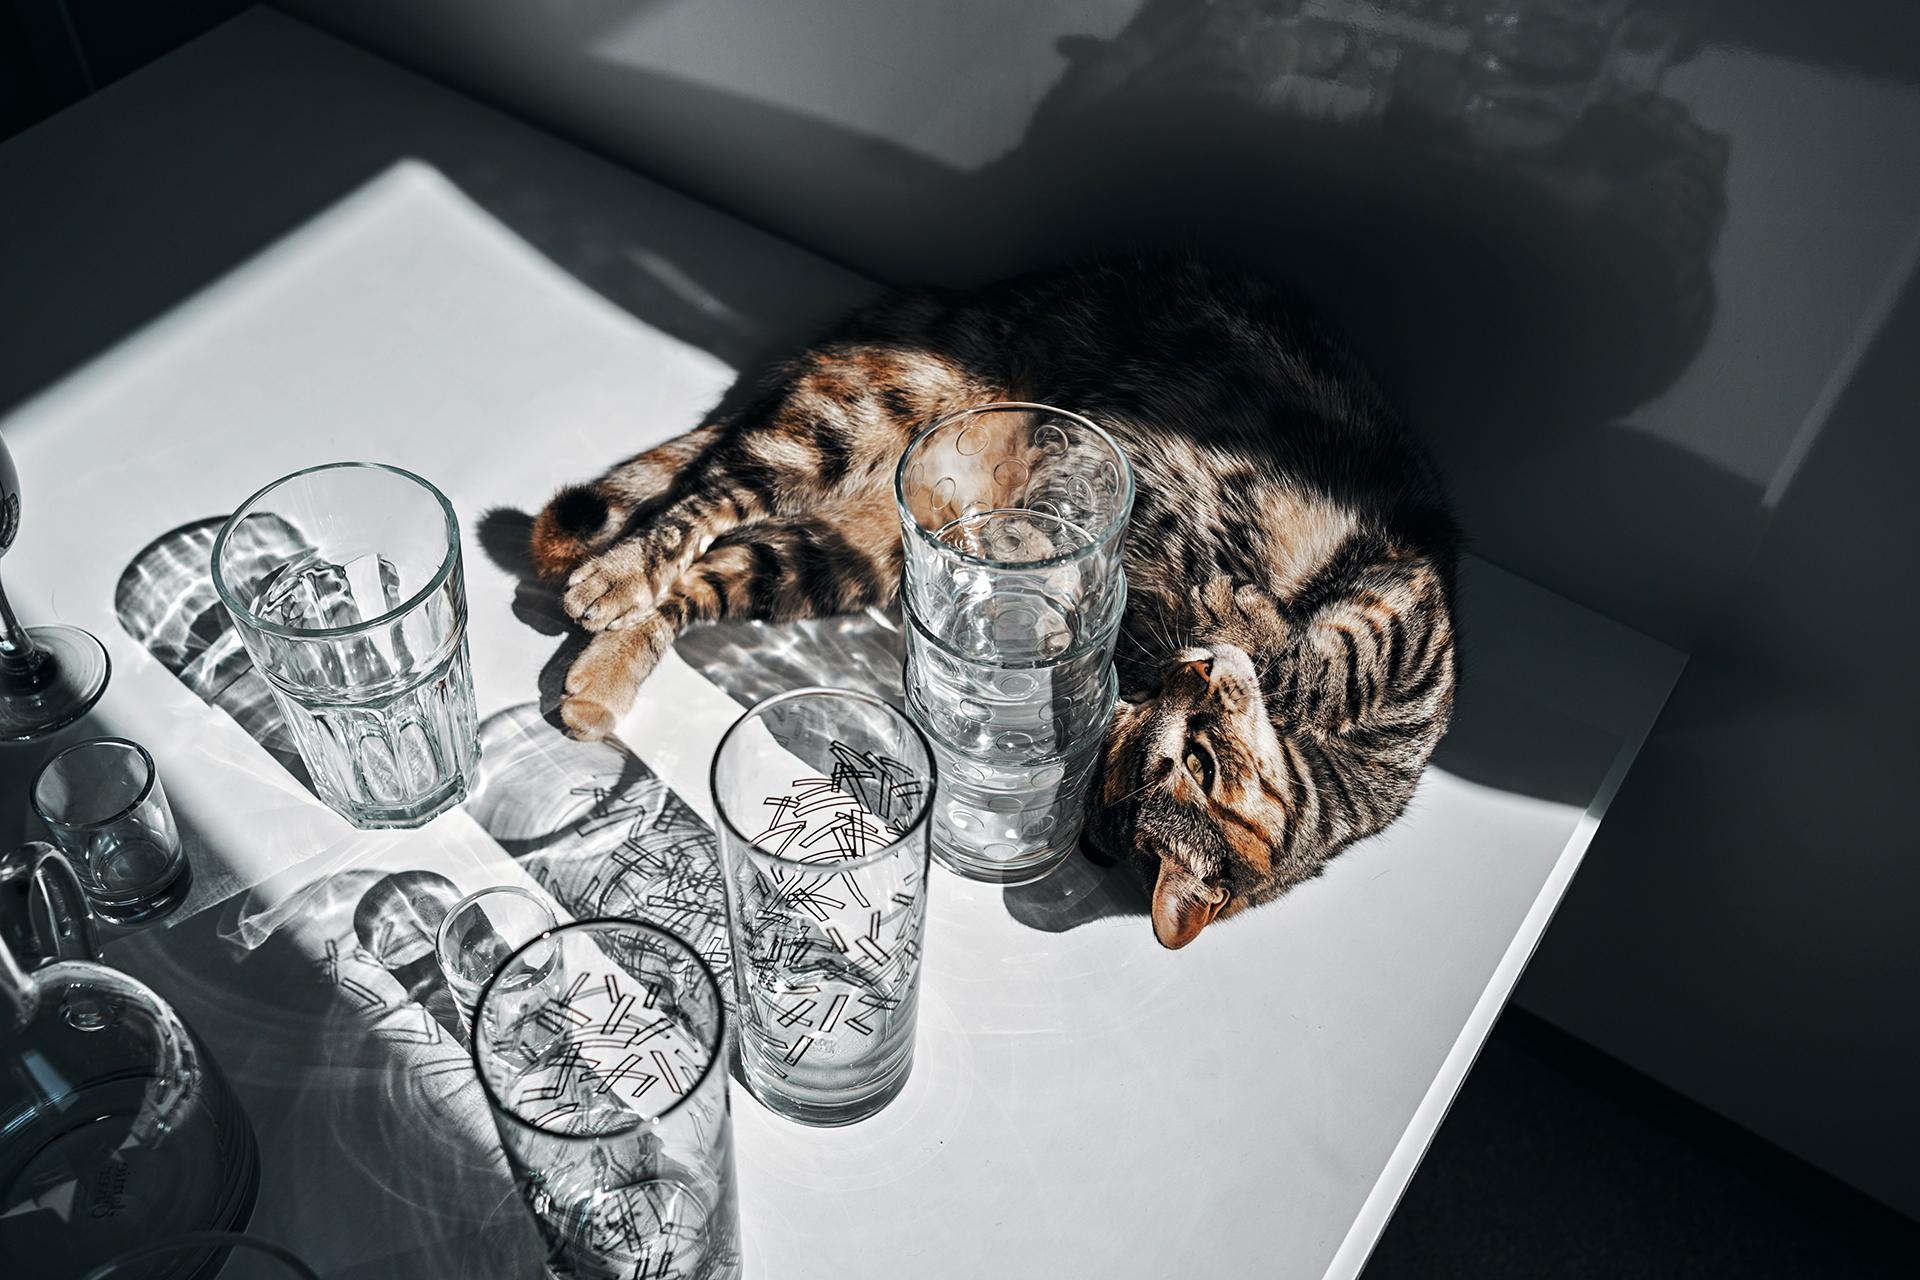 Bei Natalia ist im Glasfach sogar Platz für ihre Katze